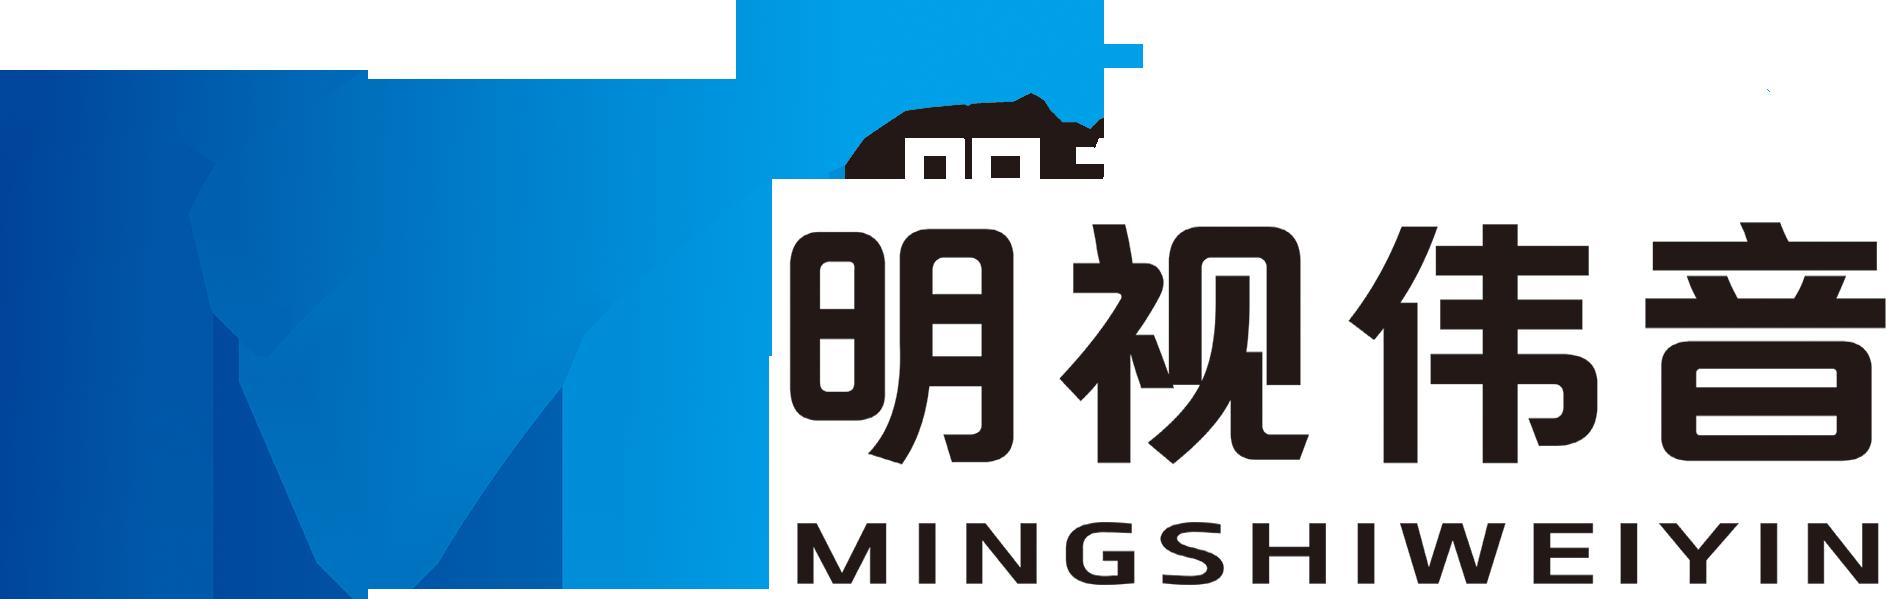 北京市明視偉音電子科技有限公司